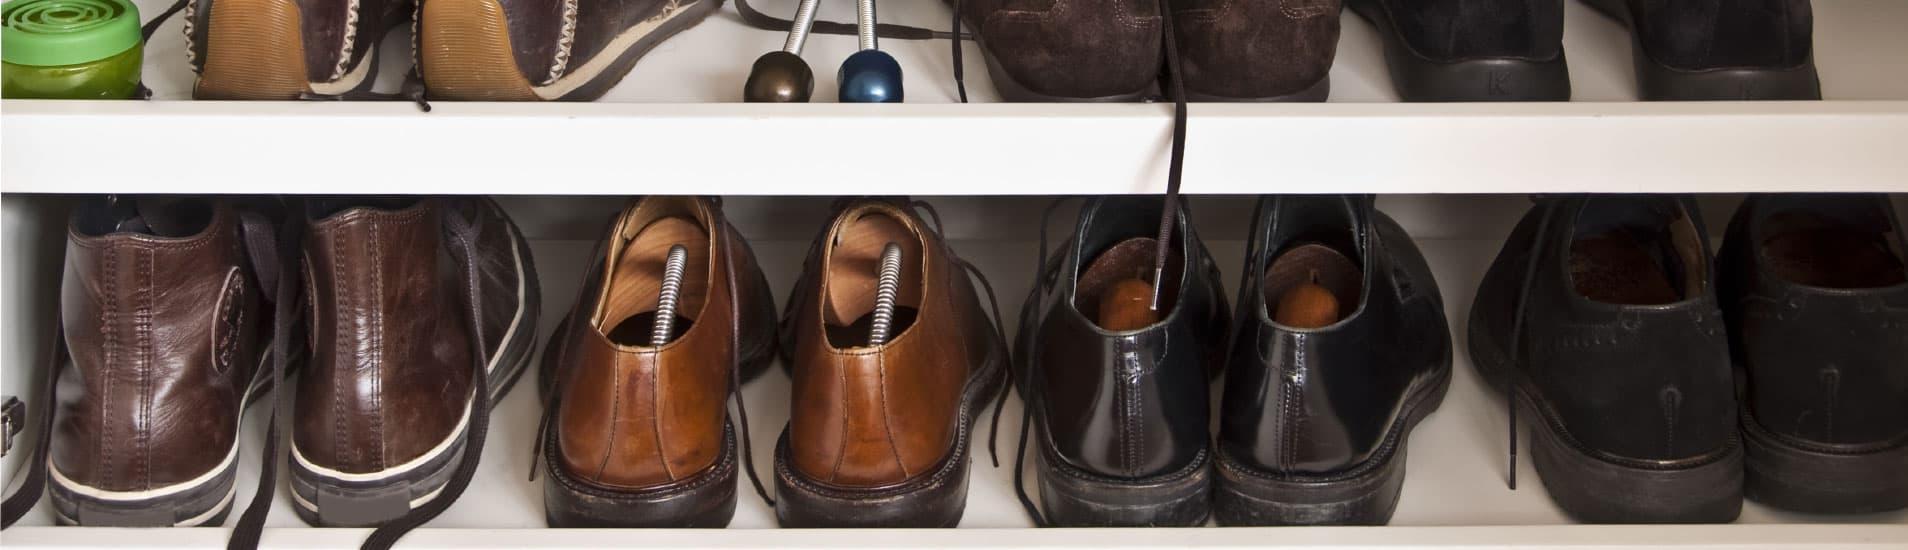 Comment Ranger Ses Chaussures comment ranger ses chaussures ? le roi du dressing suisse